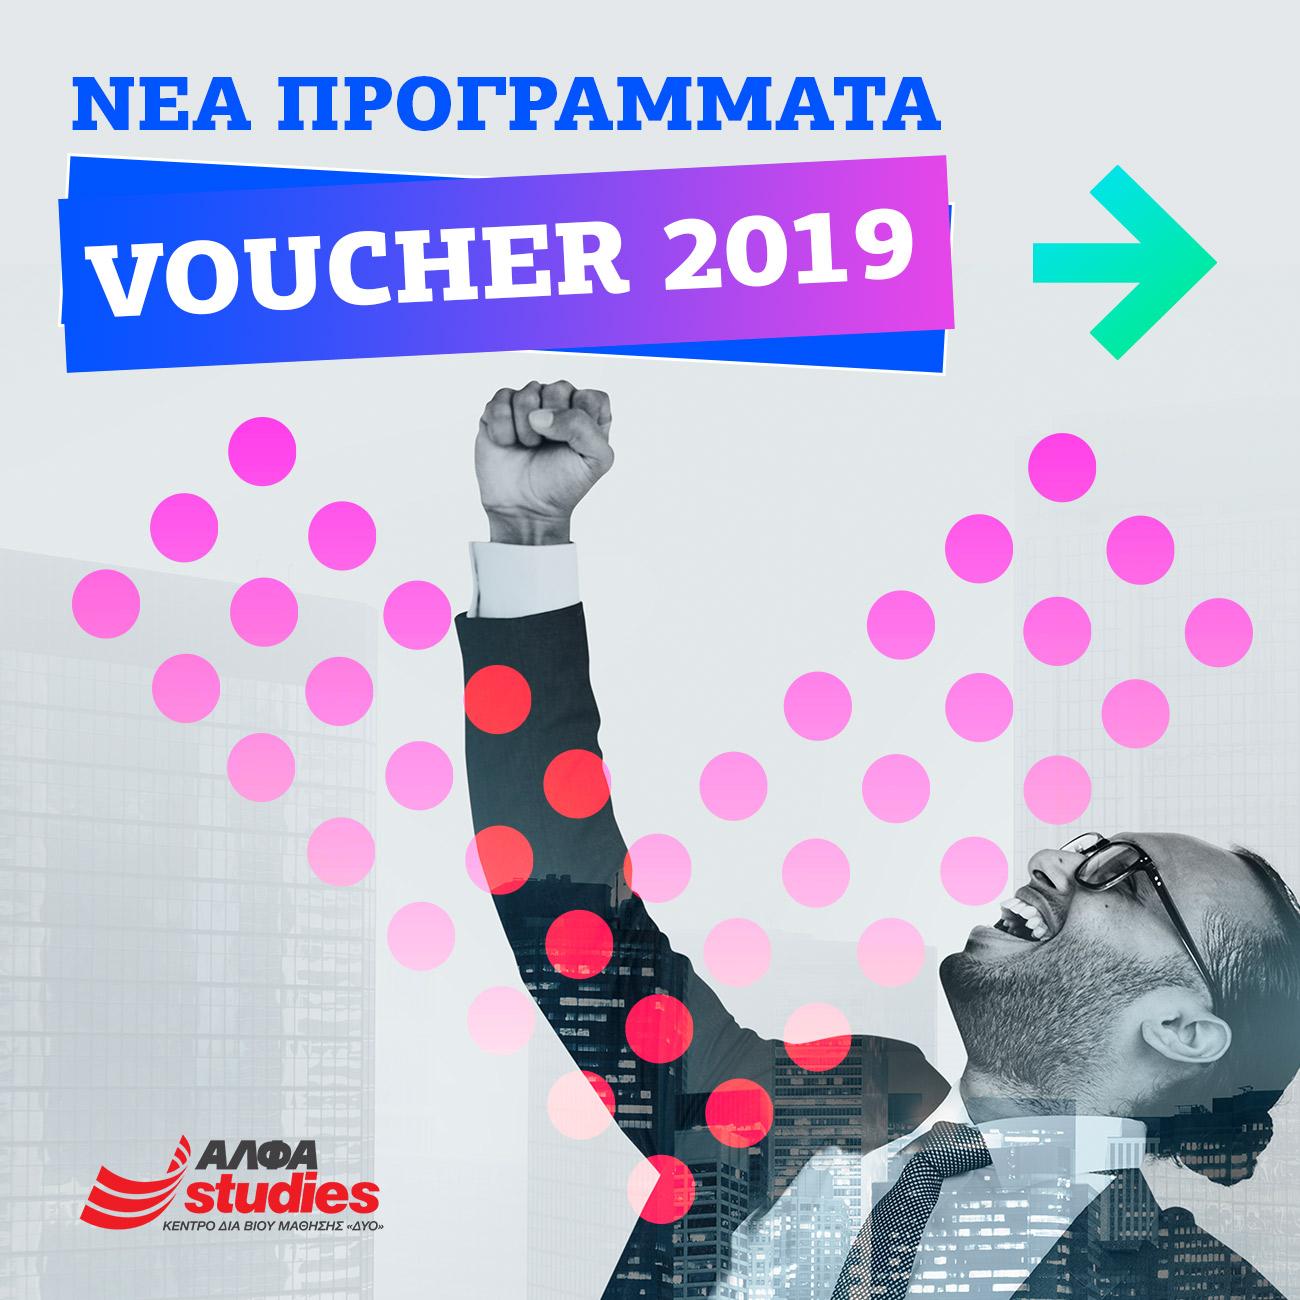 voucher-2019